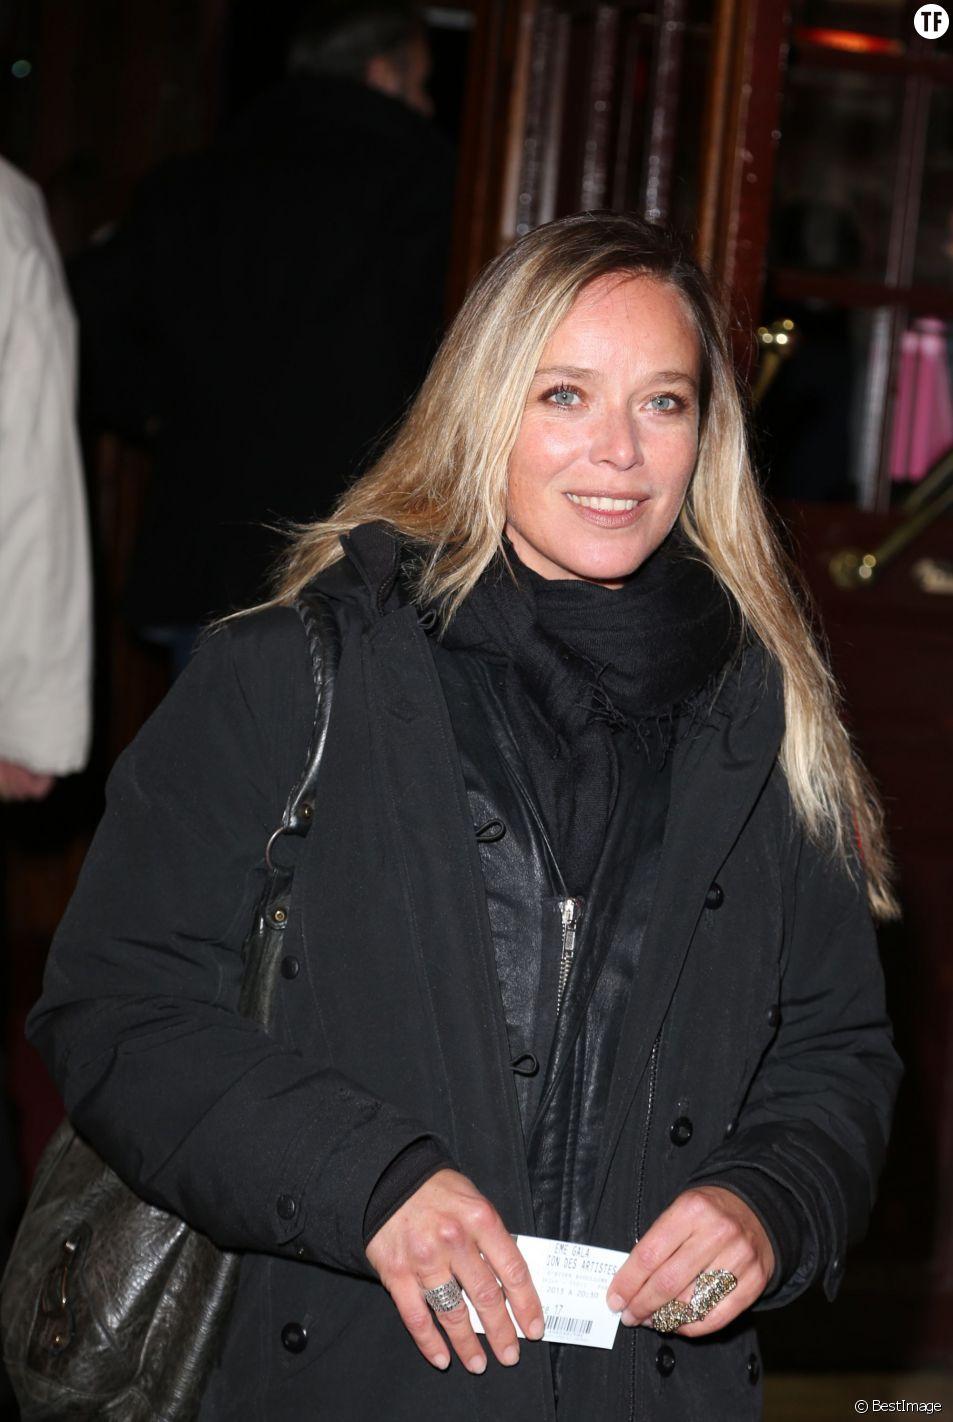 Marie Guillard arrive a la soiree du 52eme Gala de l'union des artistes au Cirque d'hiver a Paris le 18 Novembre 2013.